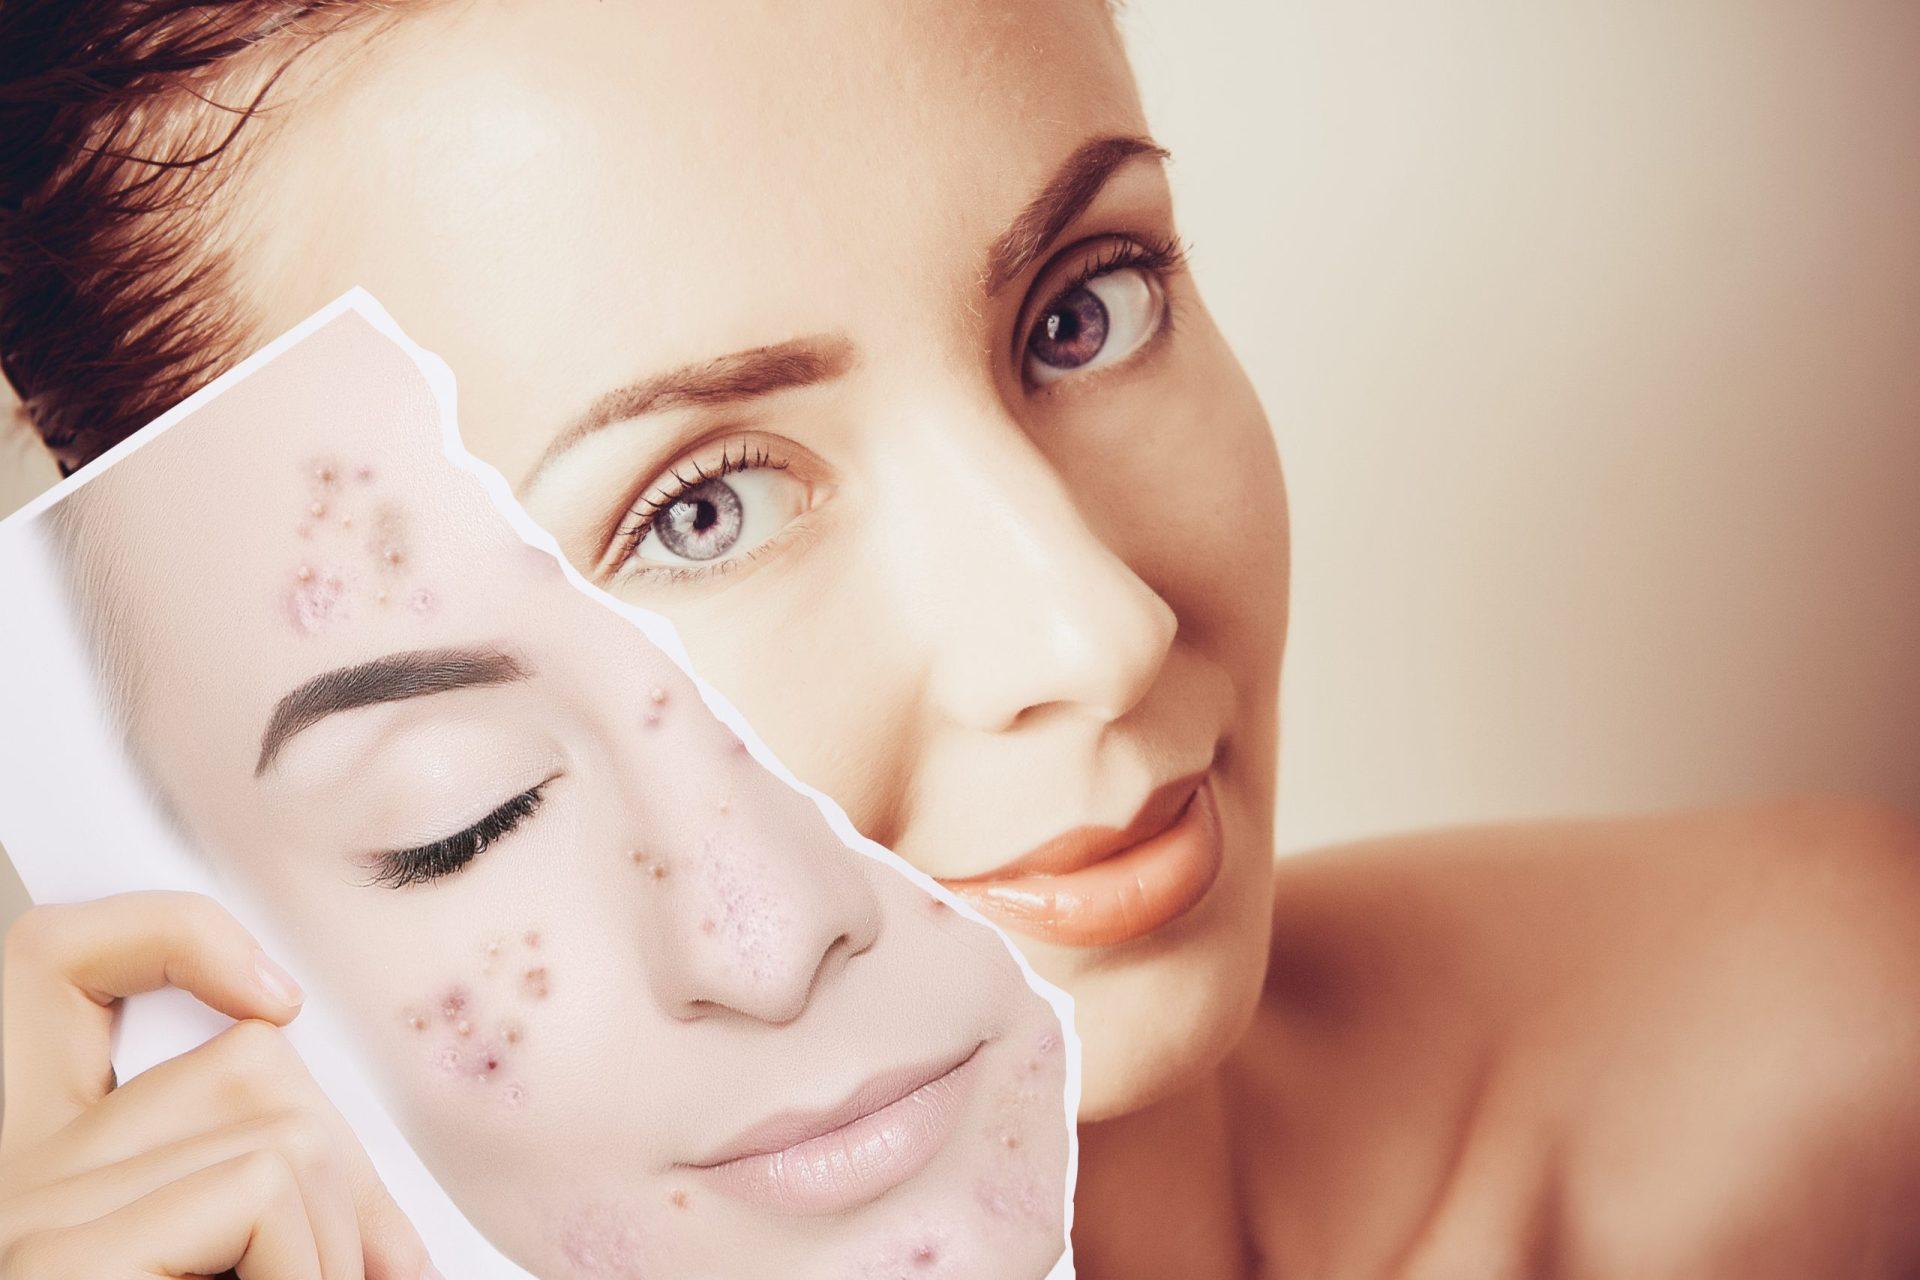 Există medicamentul minune pentru acnee?